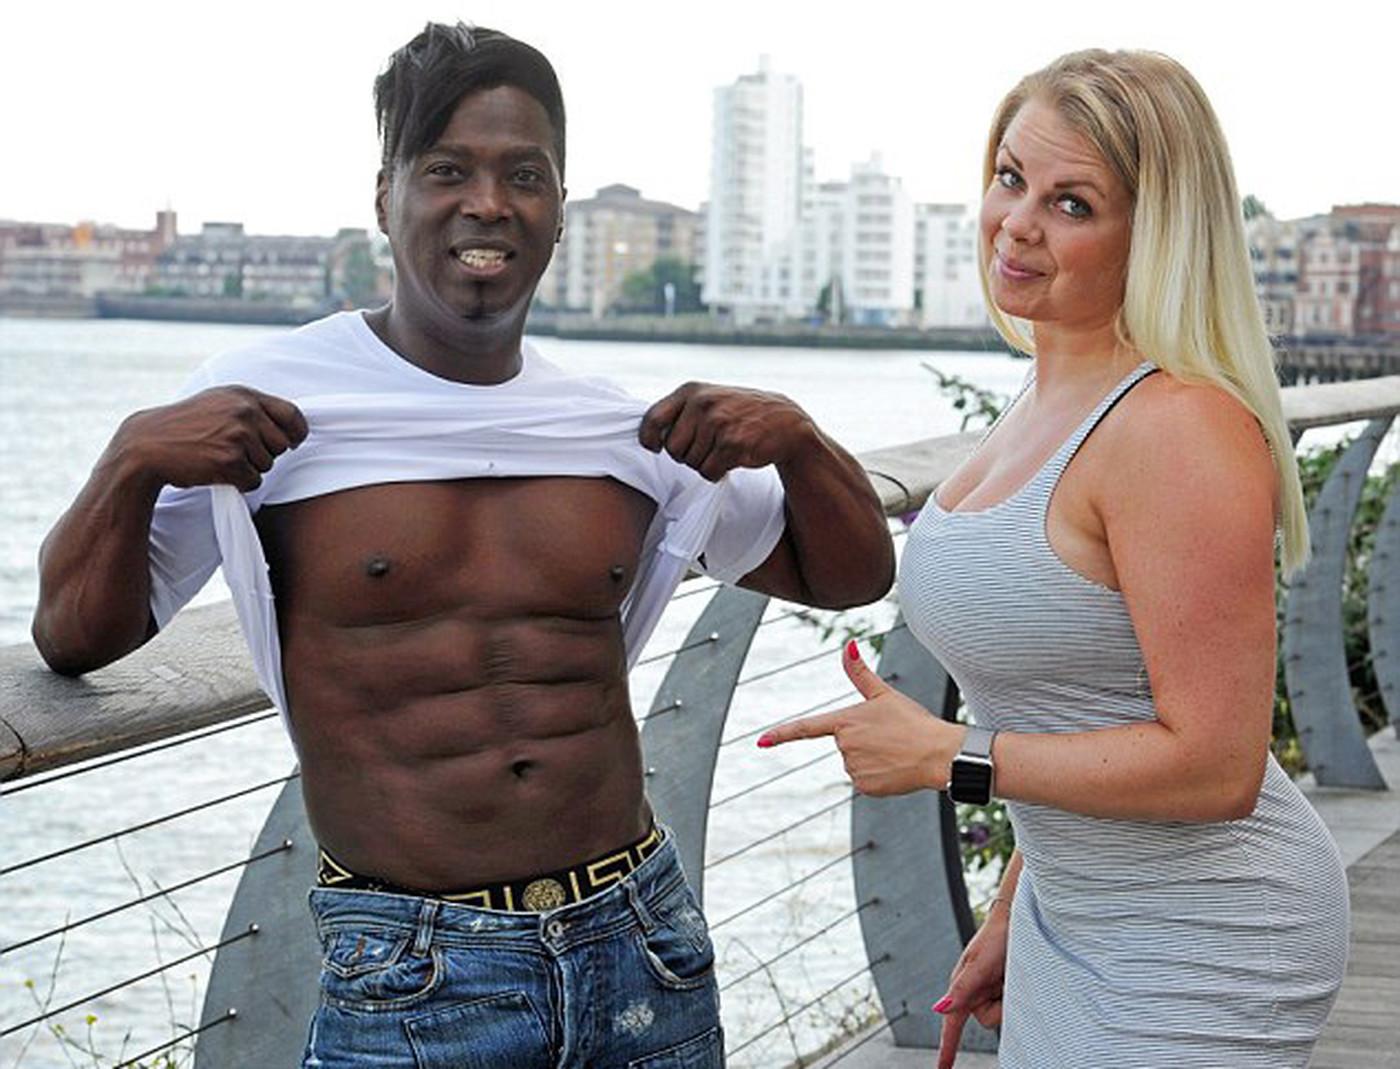 56-летний британец выглядит моложе своей 35-летней жены